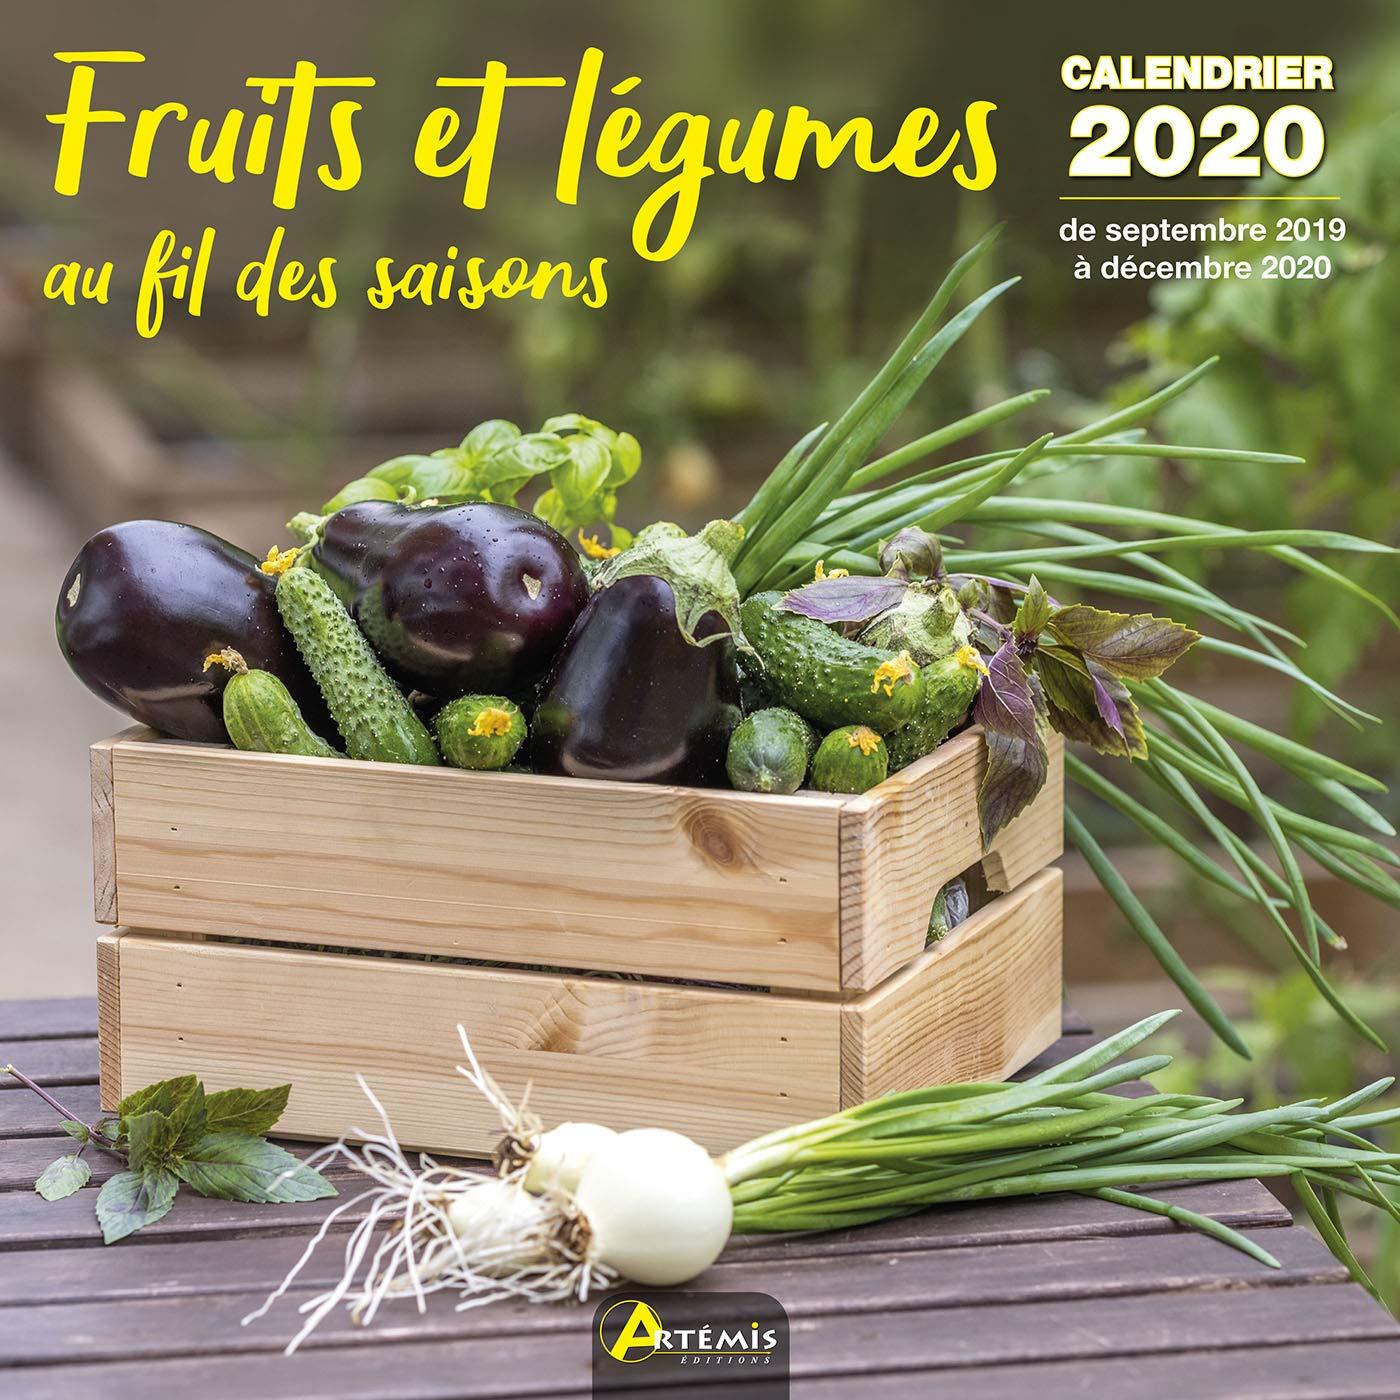 Calendrier Saison 2020.Amazon Fr Fruits Et Legumes Au Fil Des Saisons